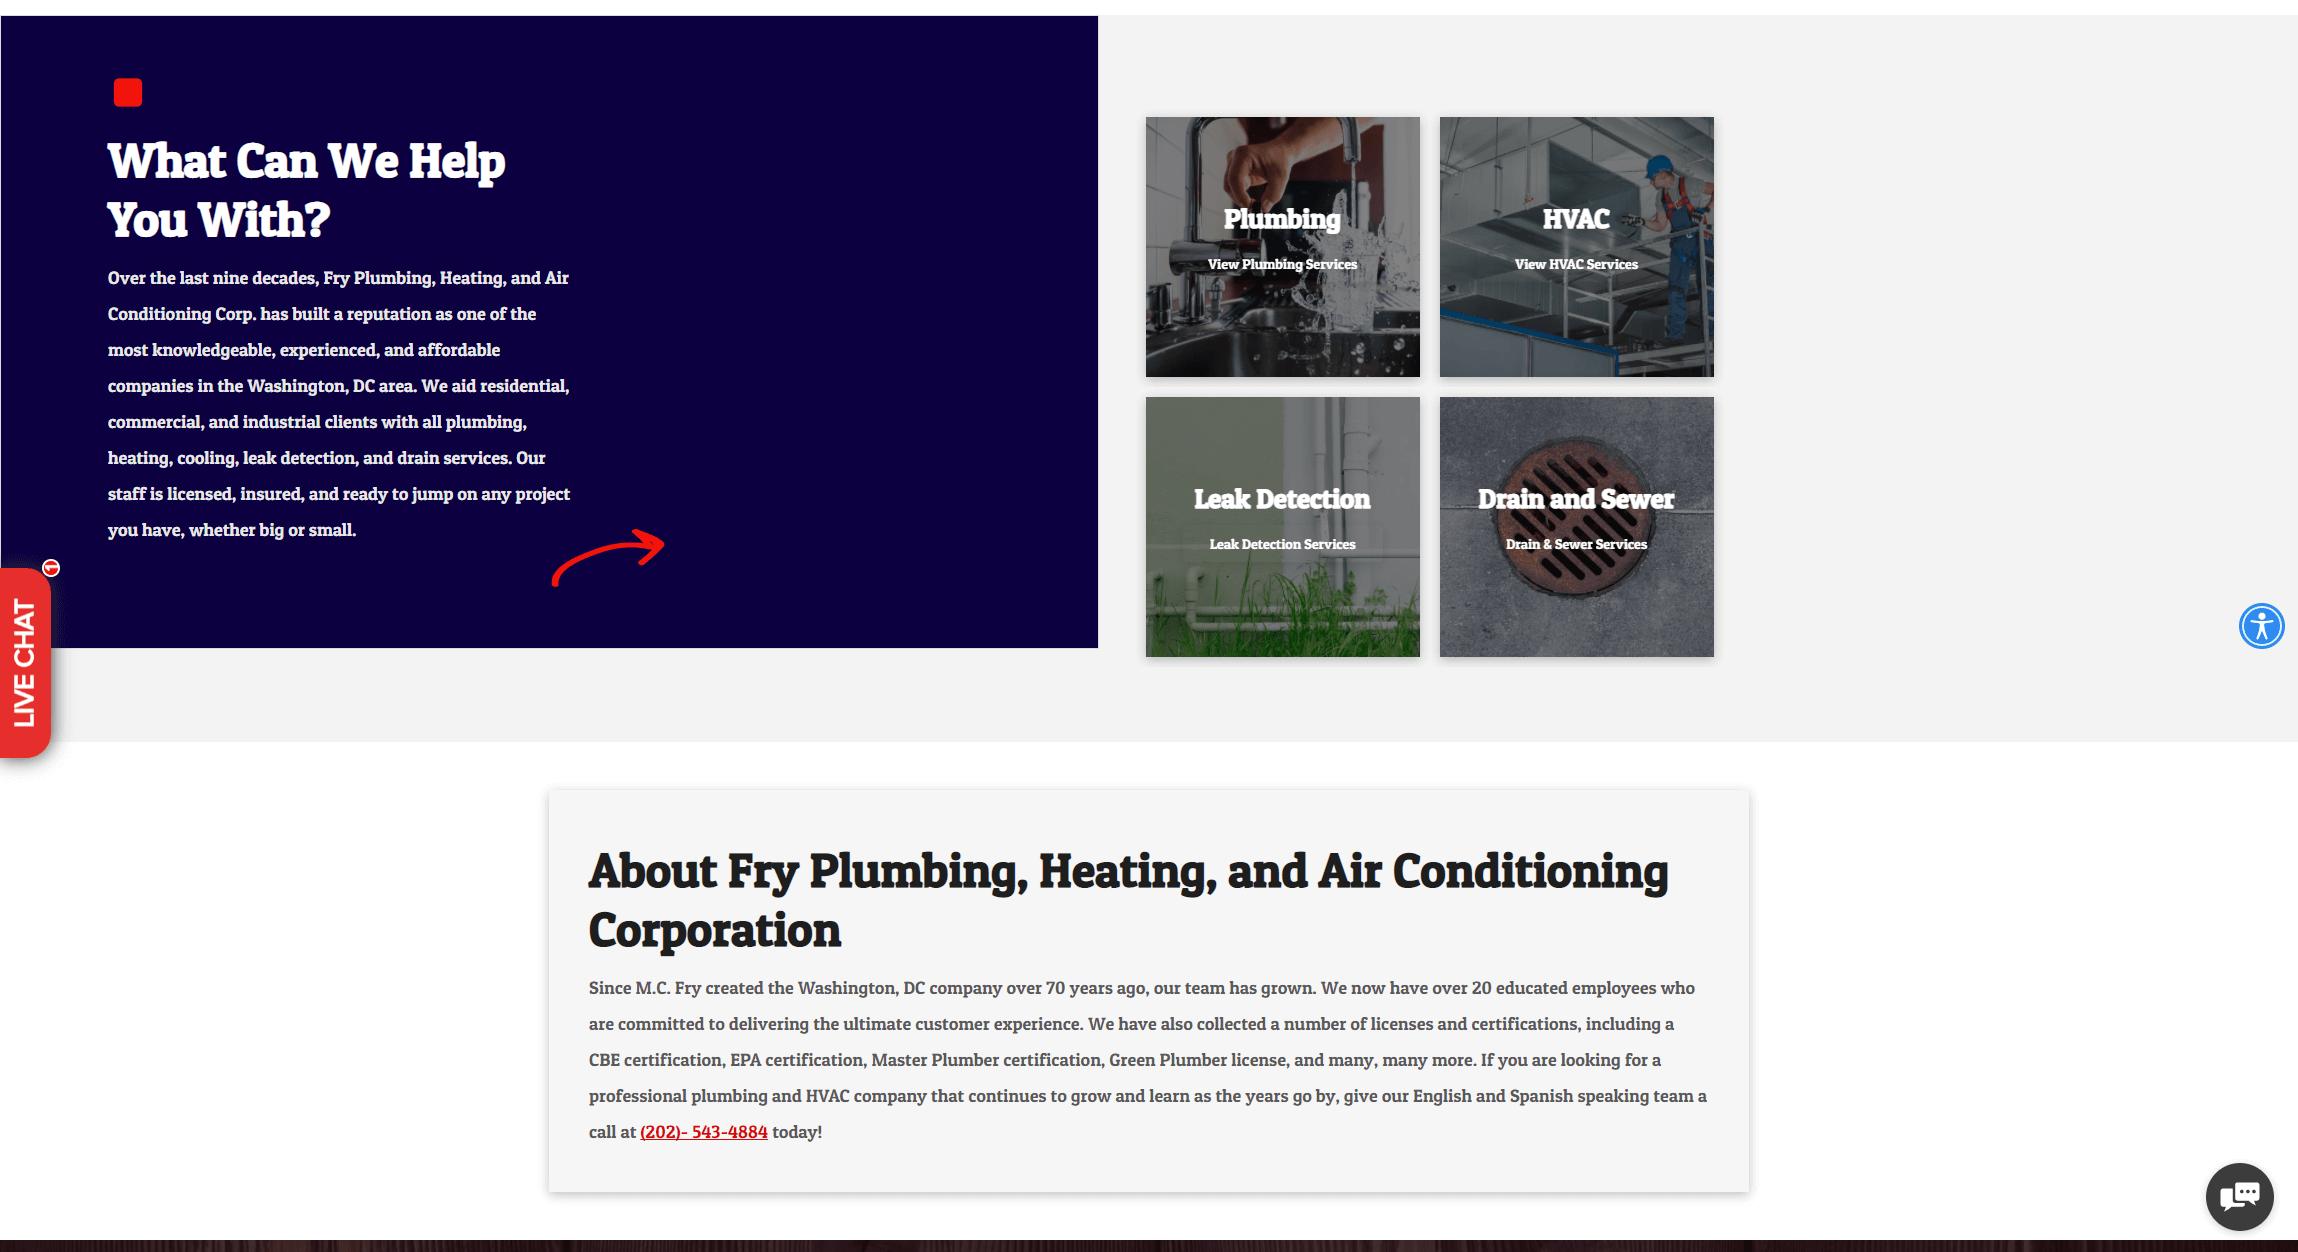 www.fryplumbing.com-2